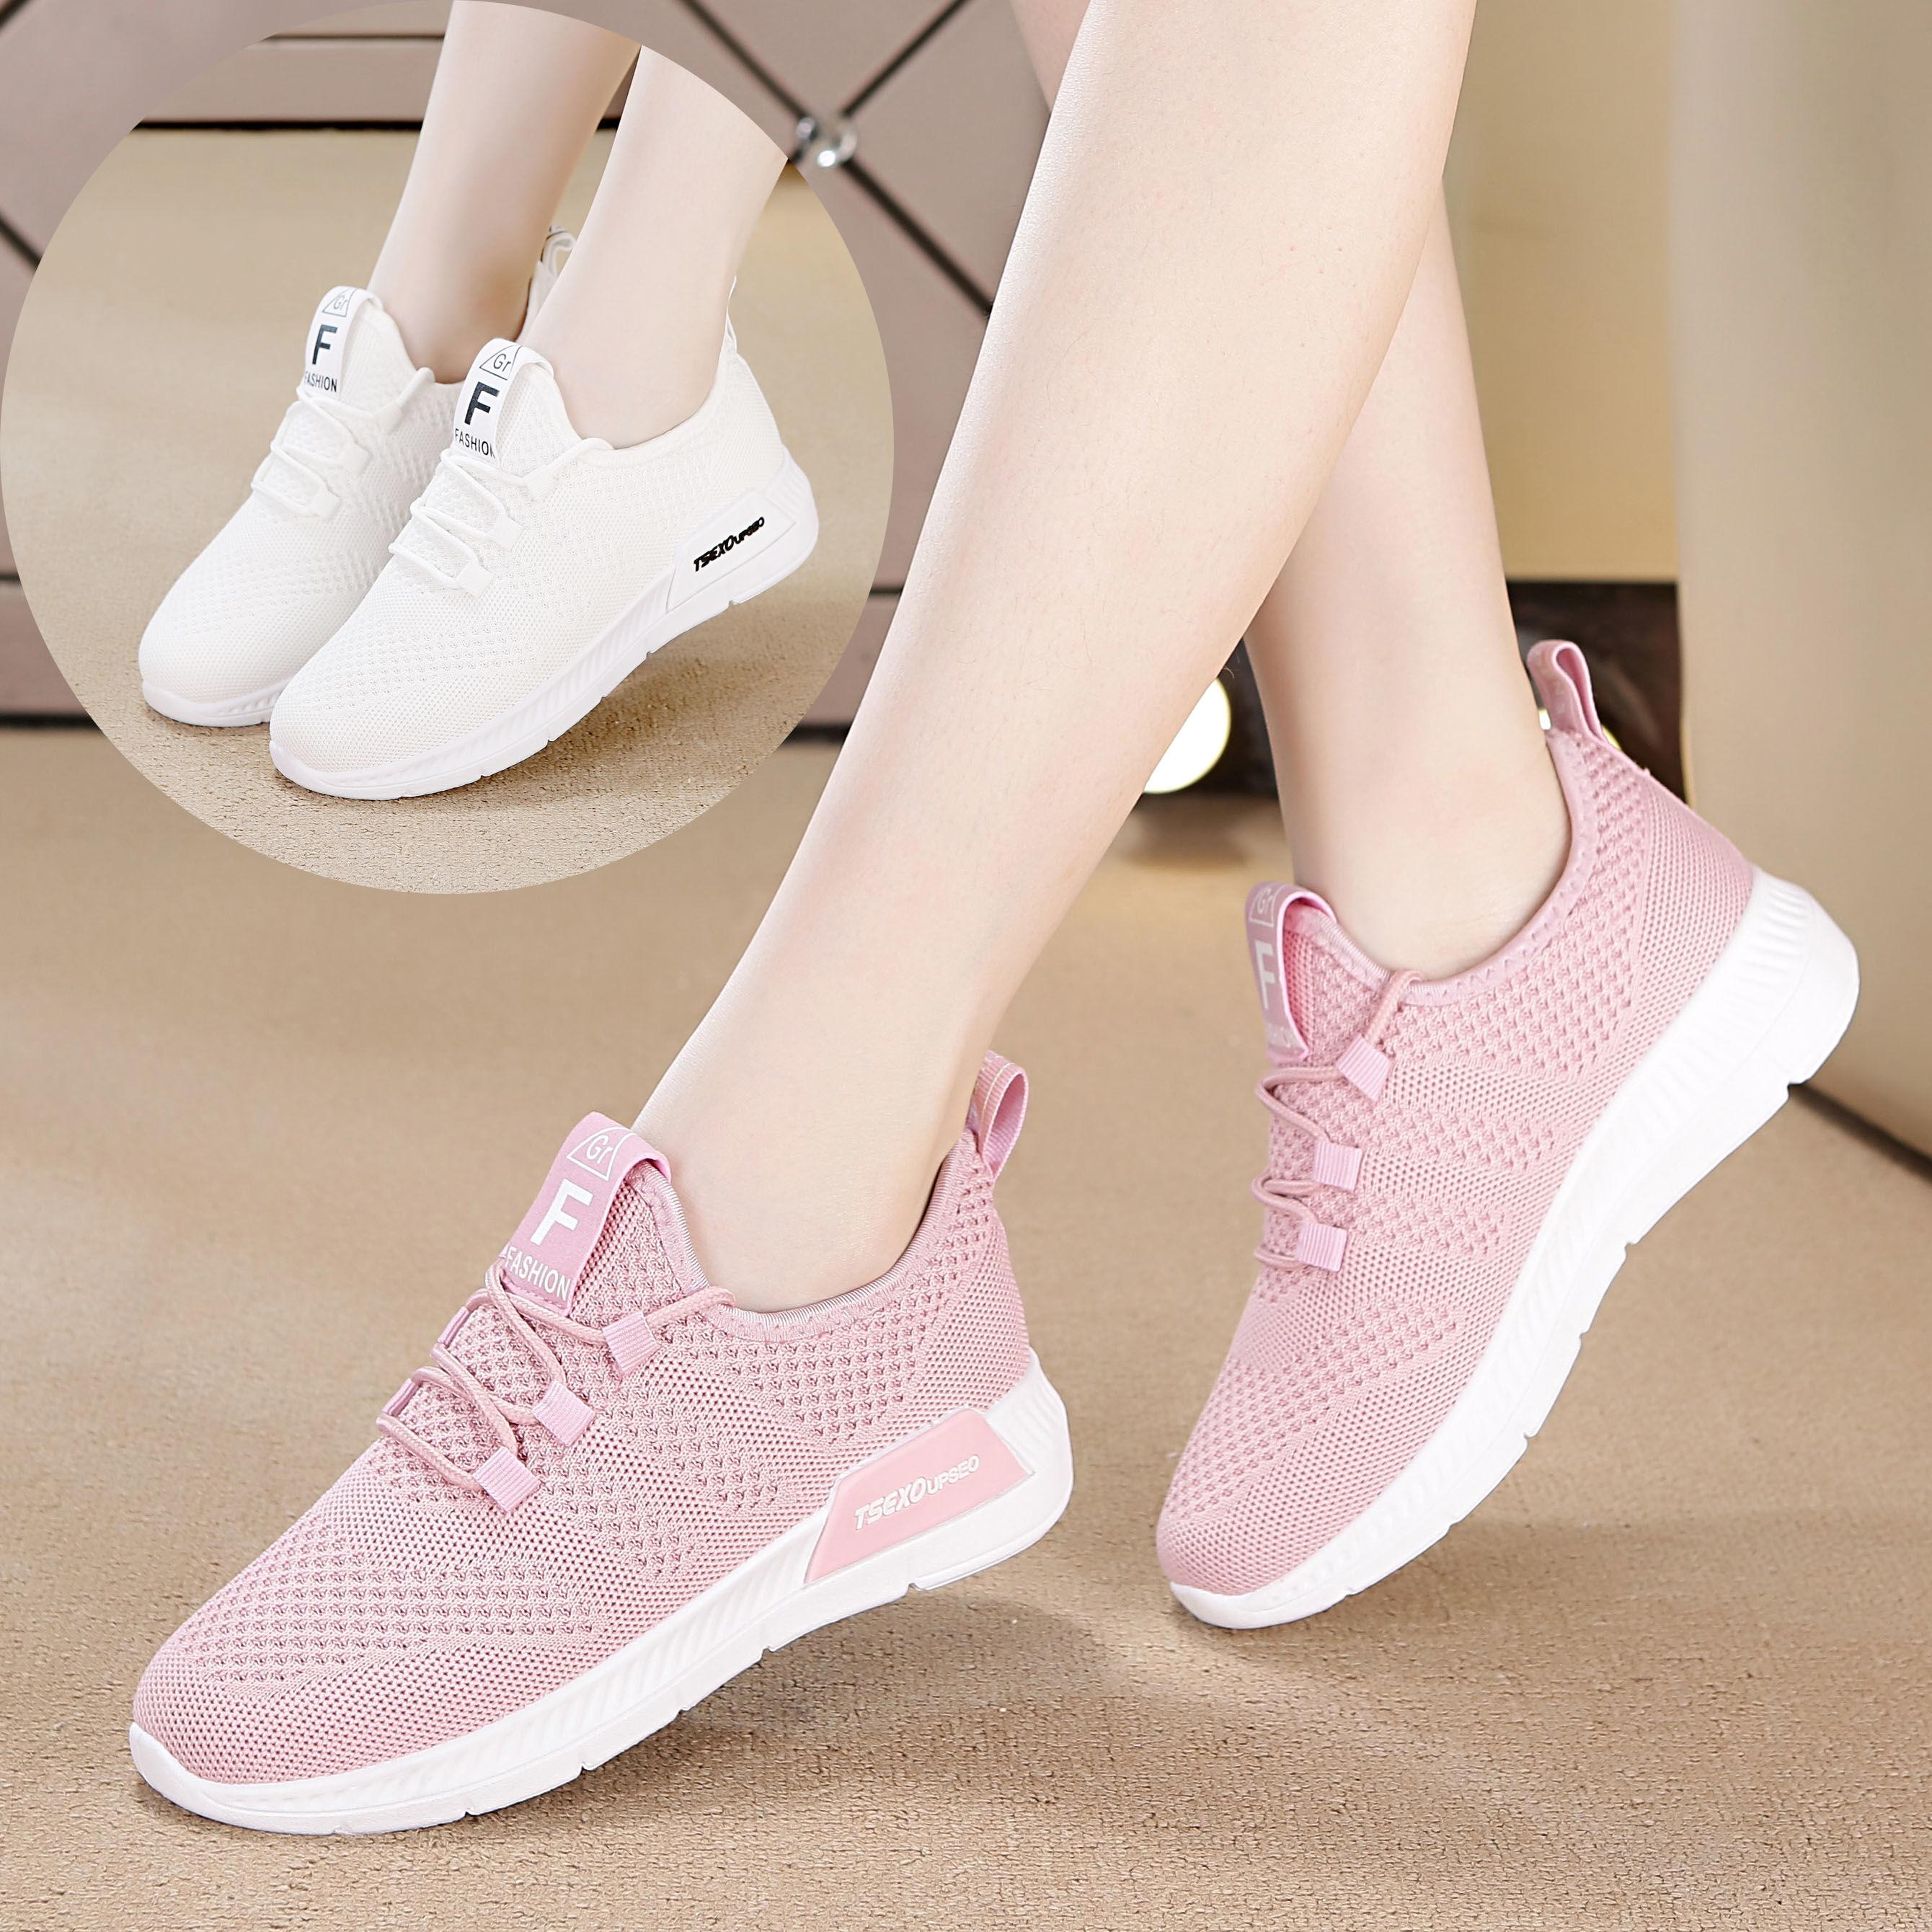 夏季运动鞋小白鞋韩版学生白鞋春秋网鞋女跑步鞋百搭2020新款鞋子